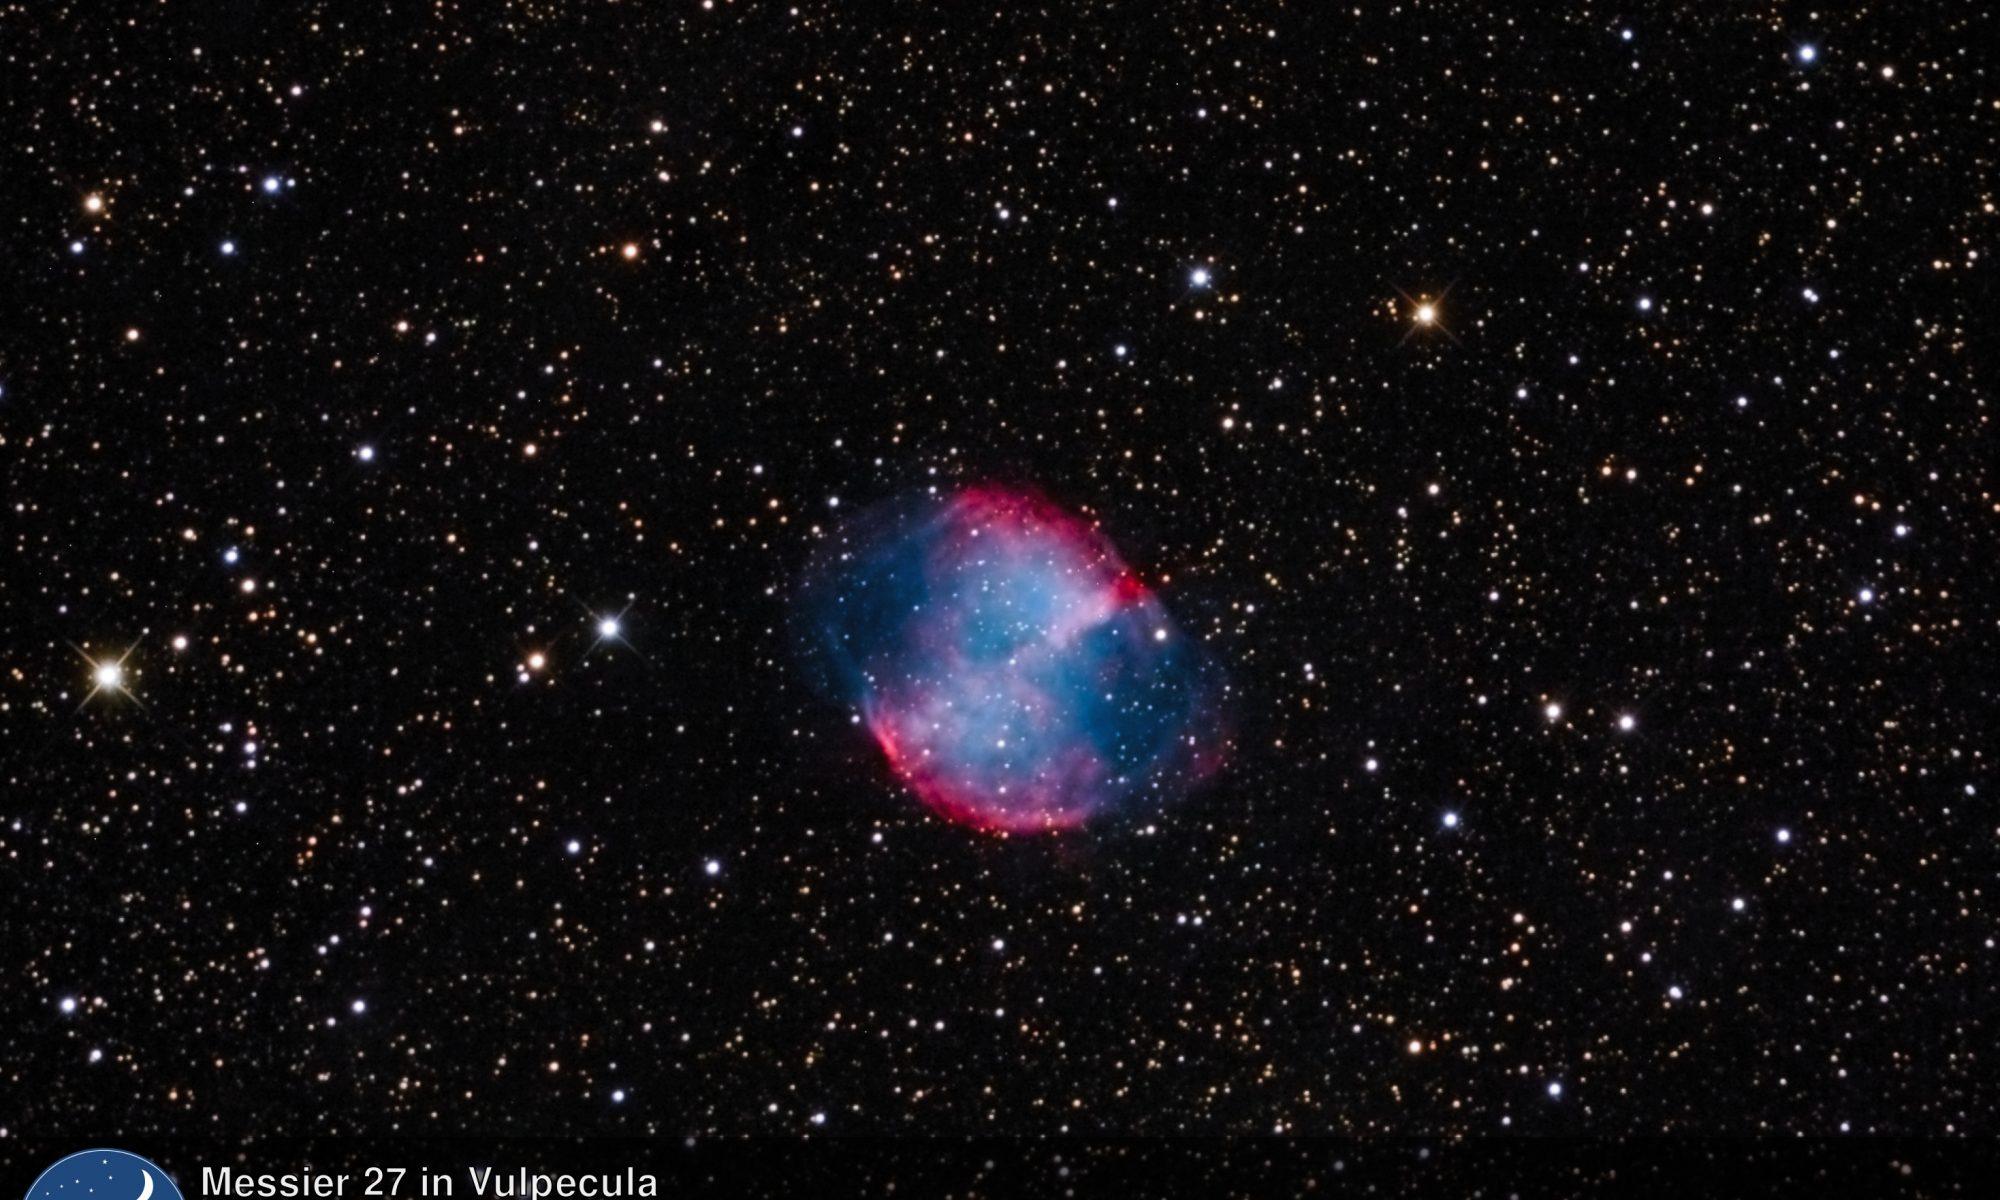 Messier 27 - Nebulosa planetaria en Vulpecula (Crédito: Gustavo Sánchez/Captando el Cosmos)